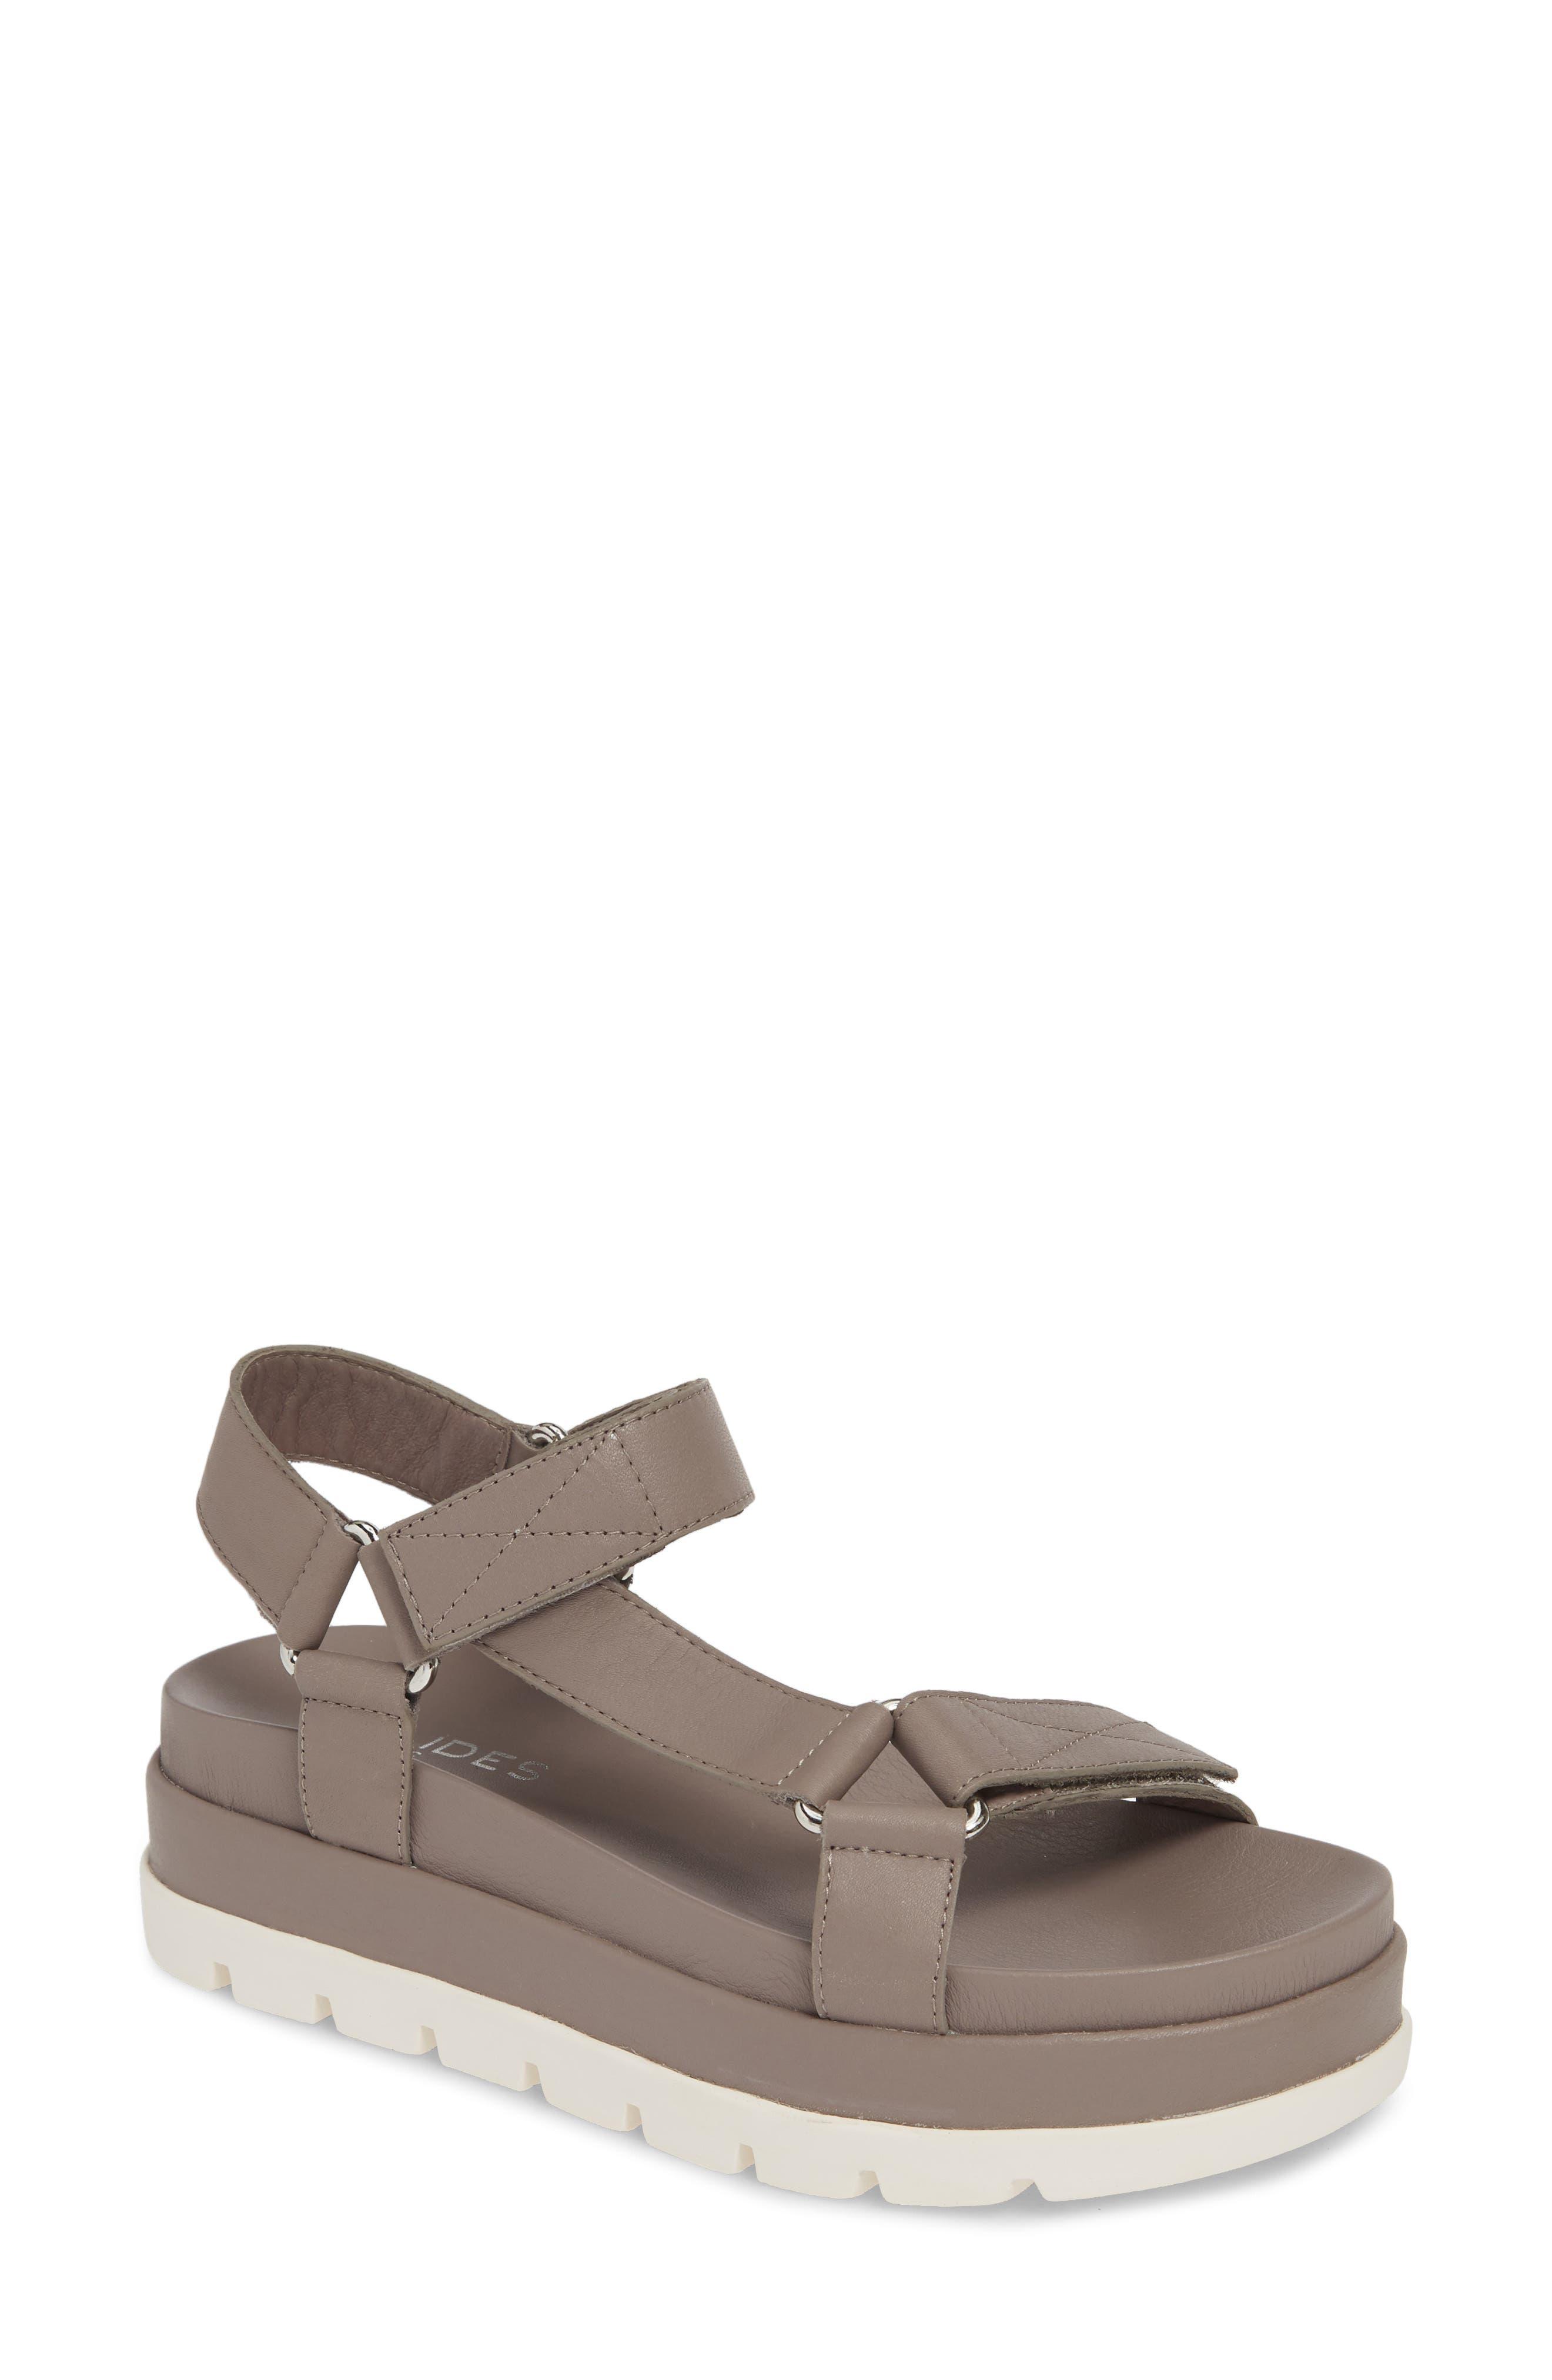 Jslides Blakley Platform Sandal- Grey